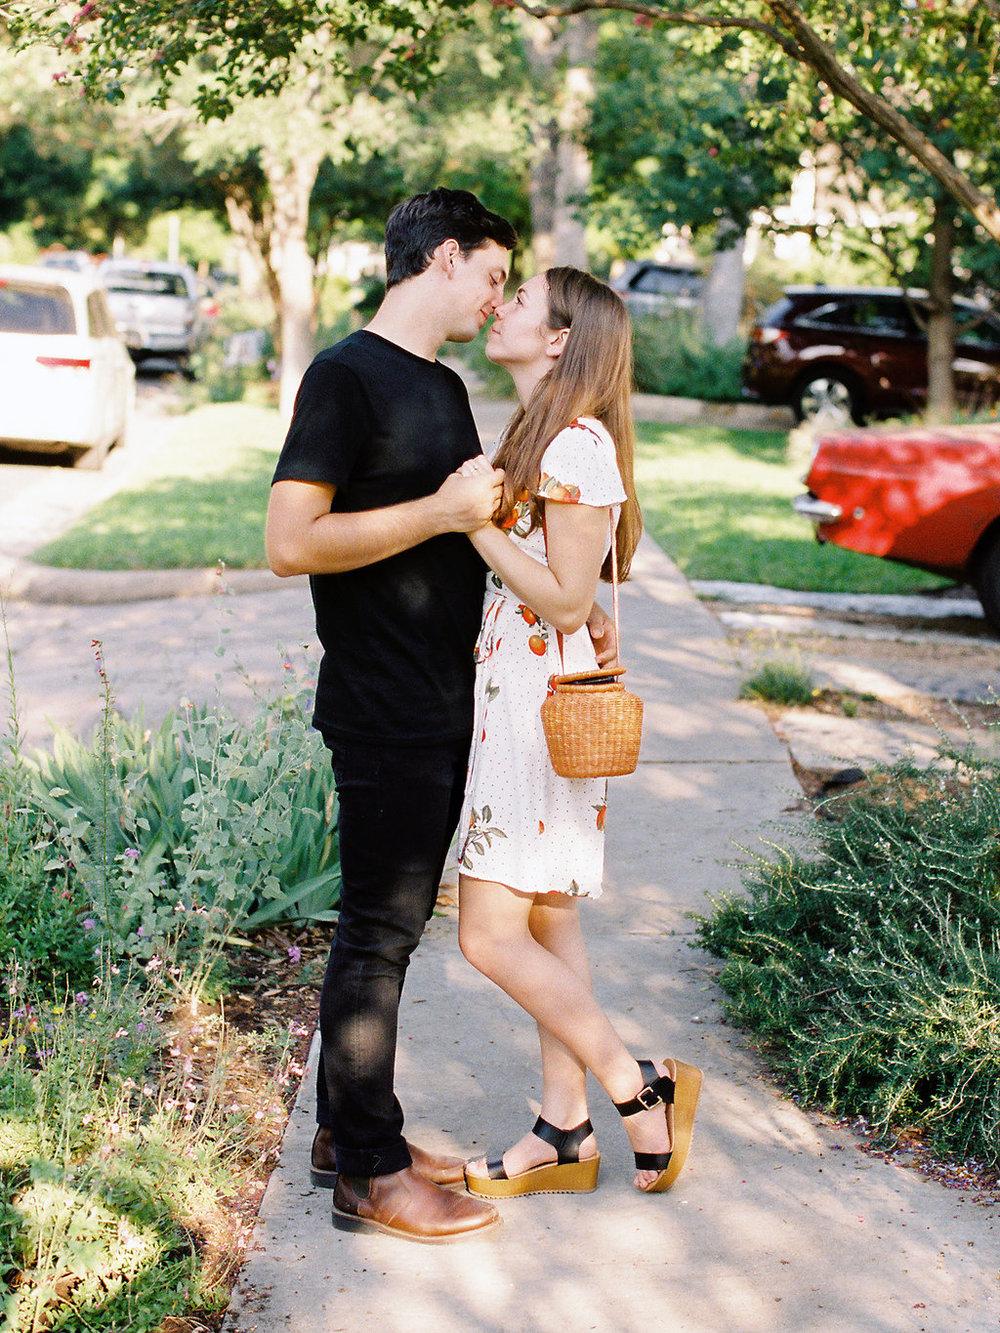 Best-Austin-Denver-California-Wedding-Photographers-fine-art-film-Engagement-Session-1.jpg